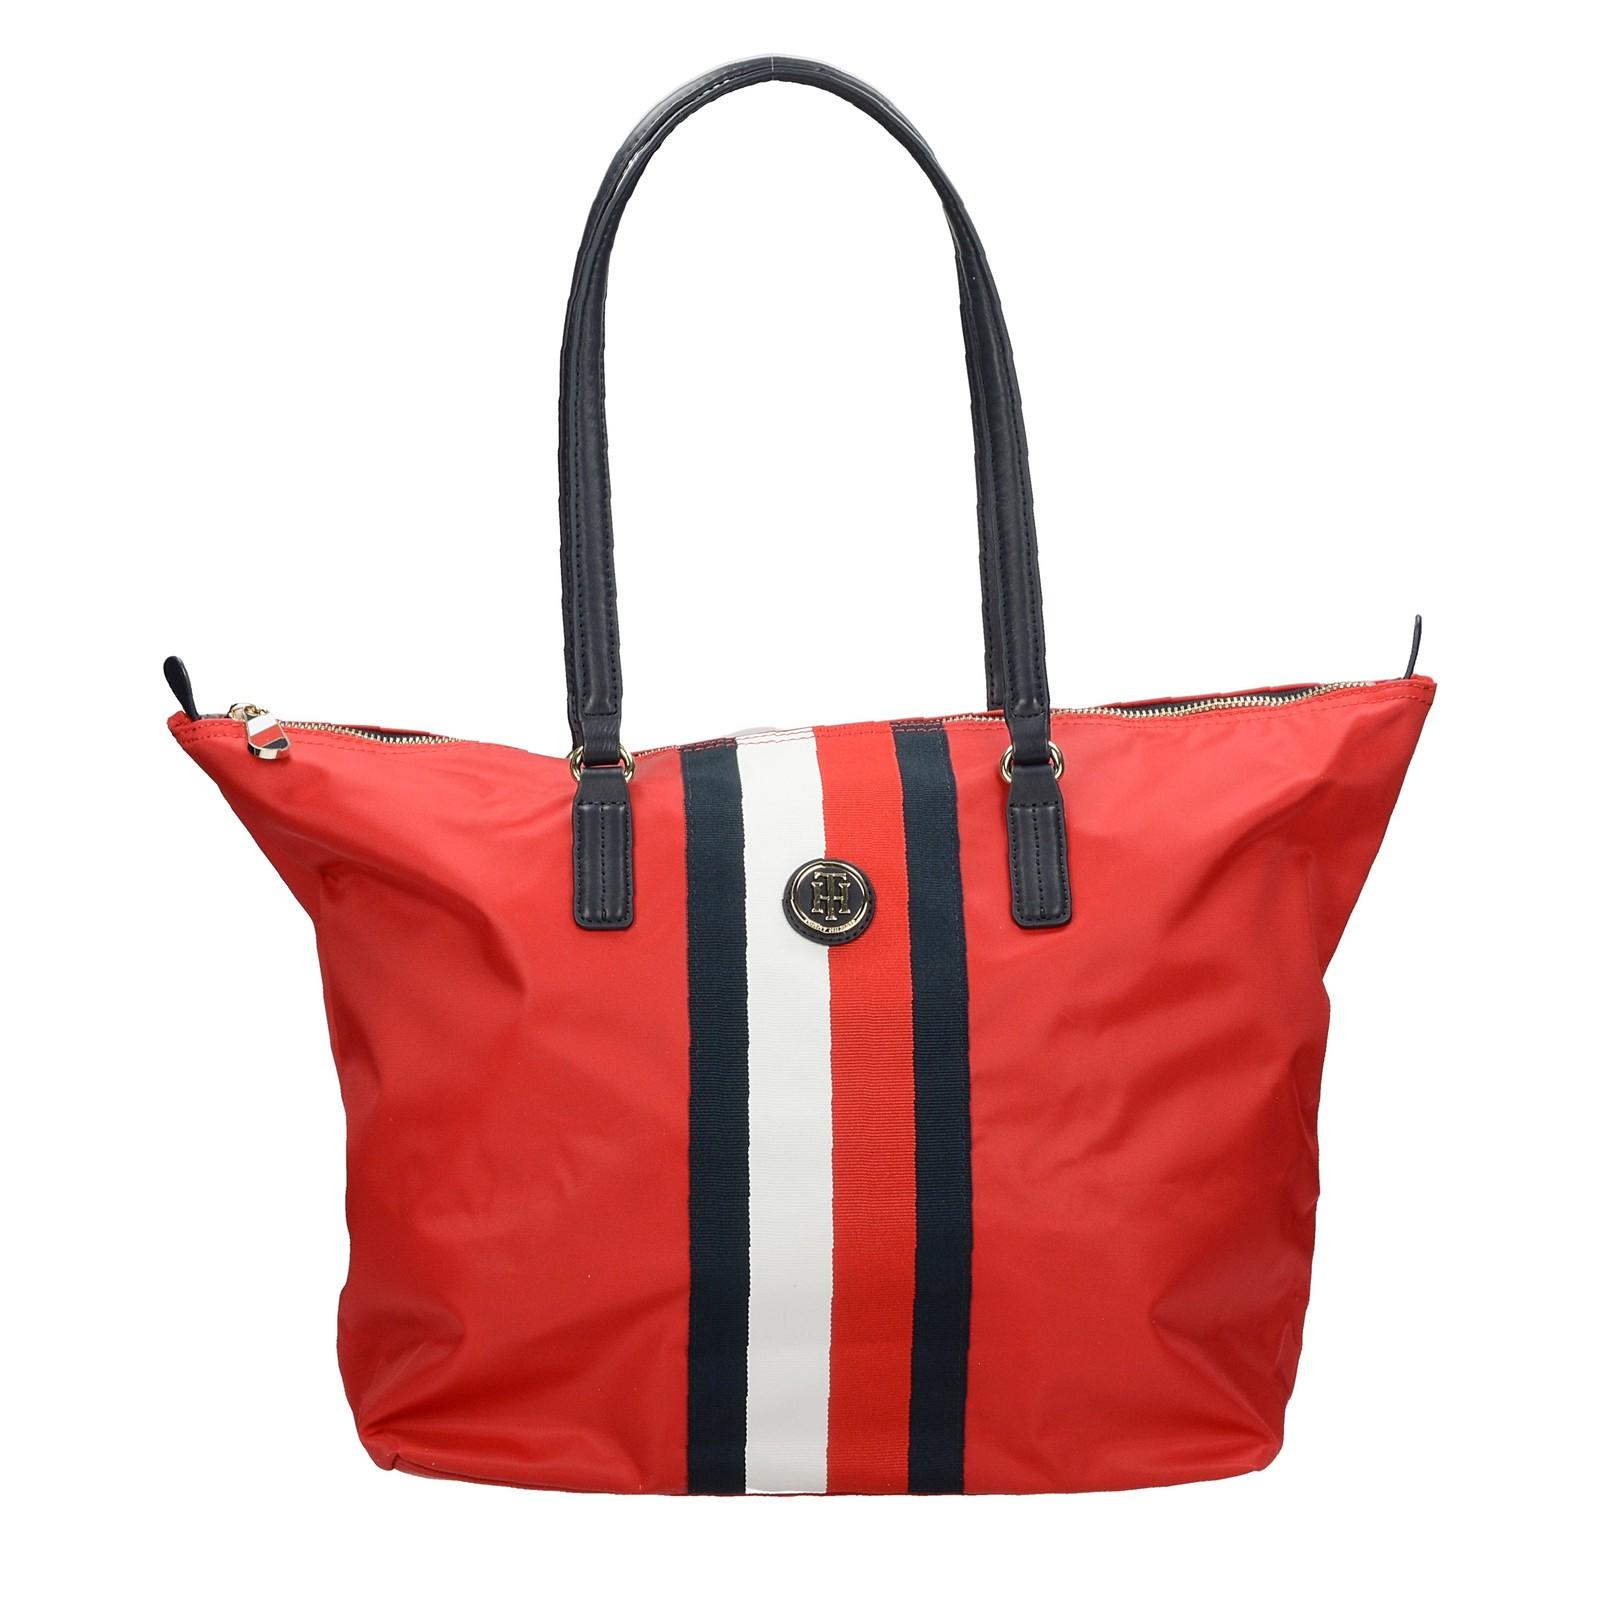 2da46b4f92 ... Tommy Hilfiger dámska štýlová kabelka - červená ...